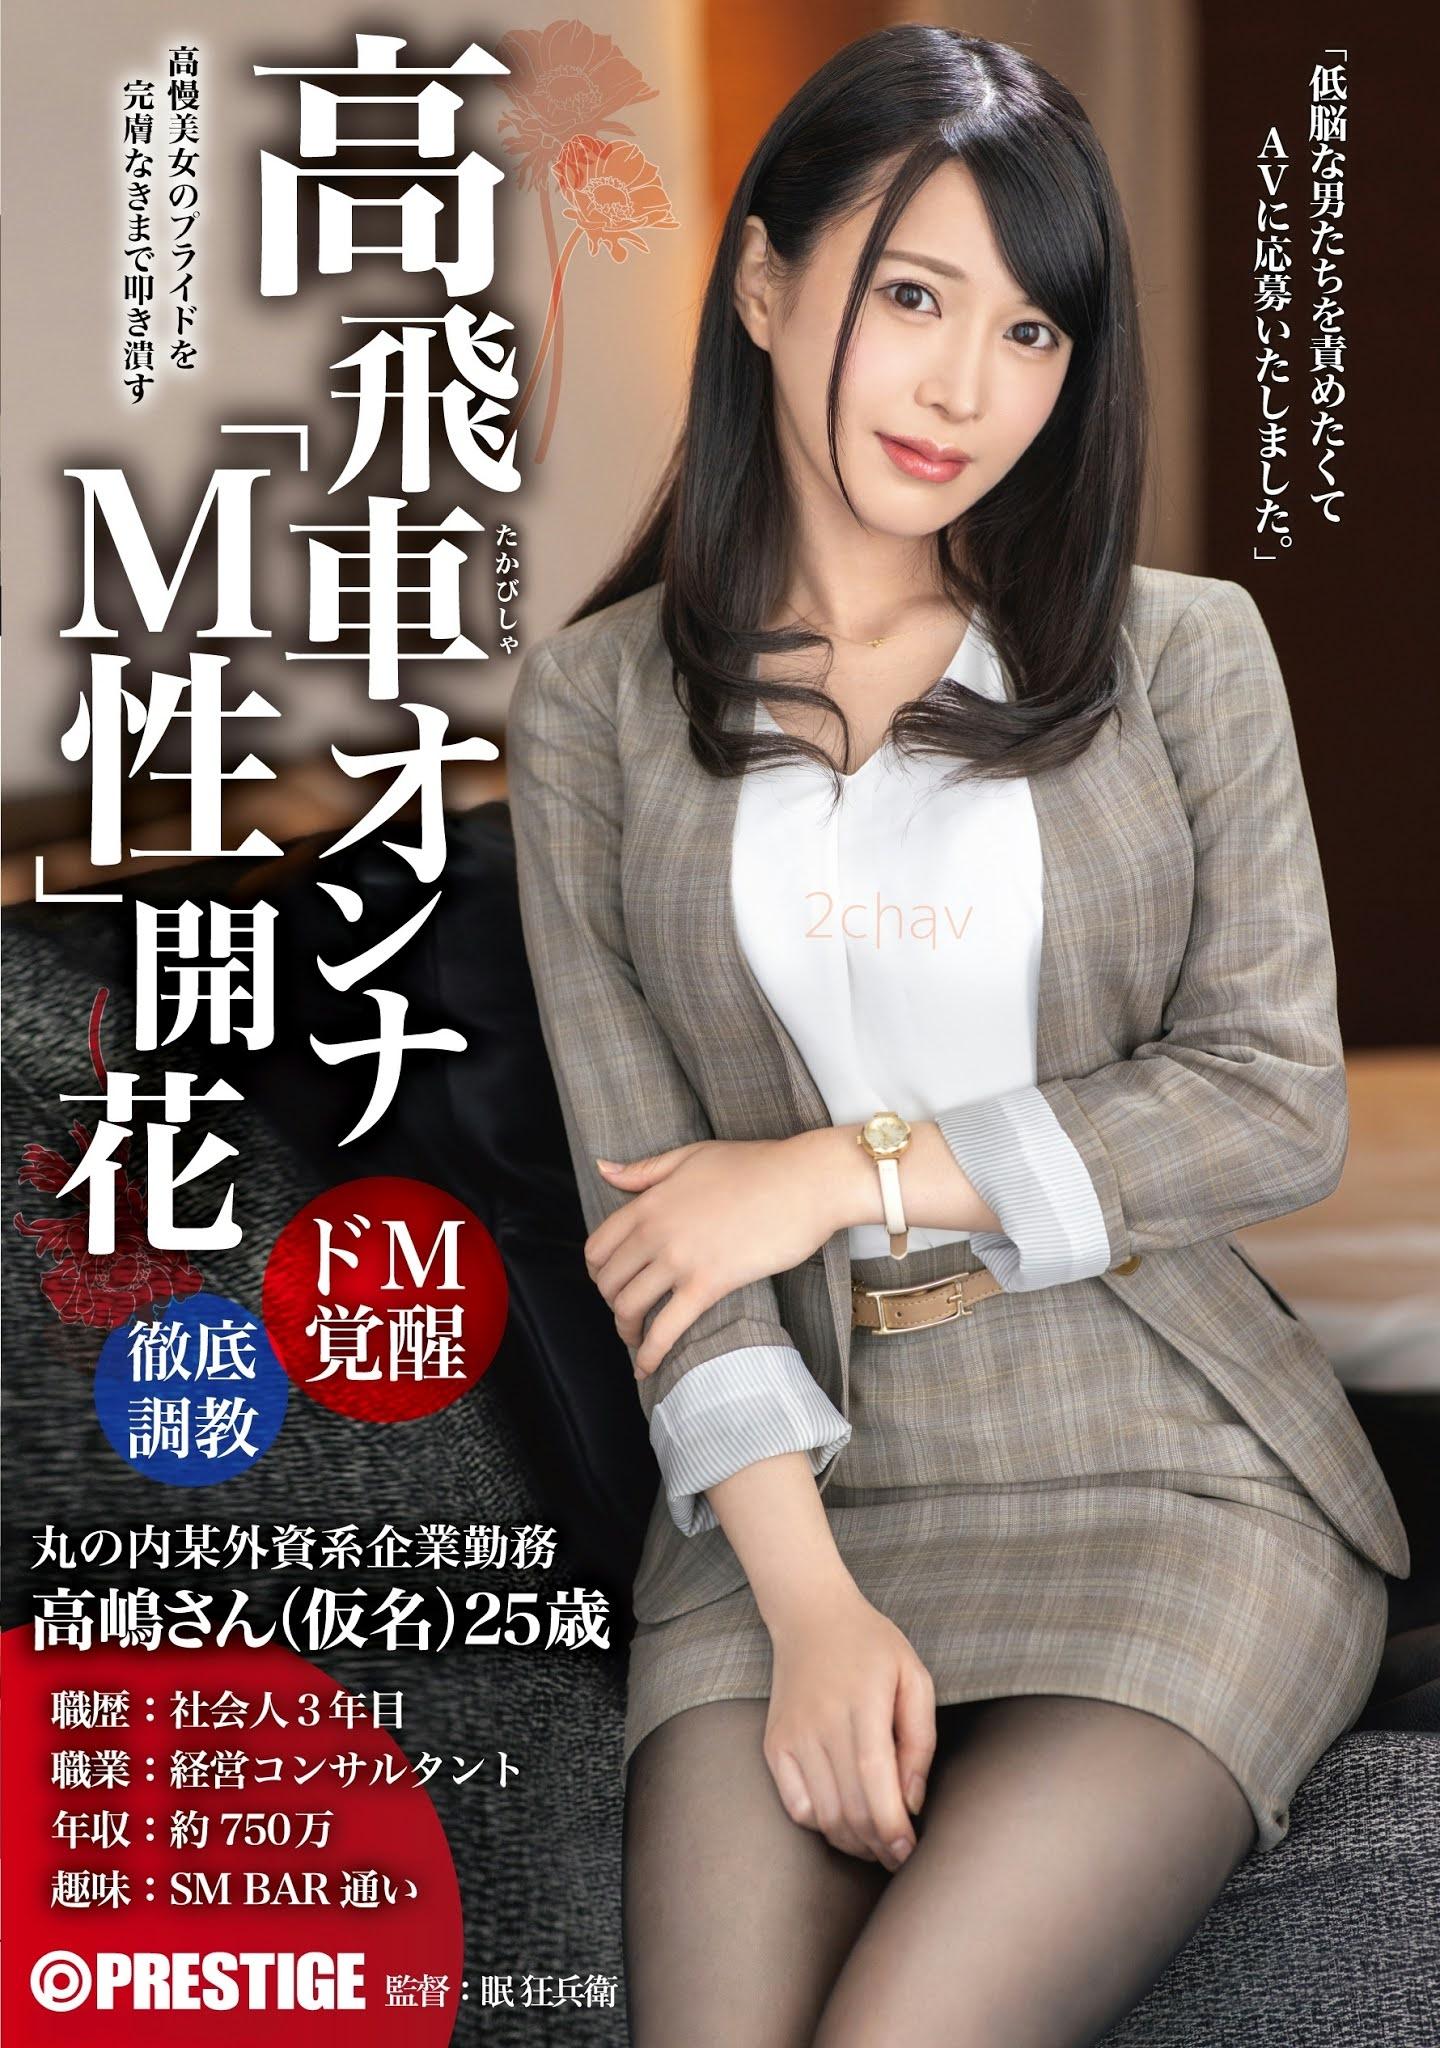 Faleno也会砍头!花了700万日币整型的她现况是?